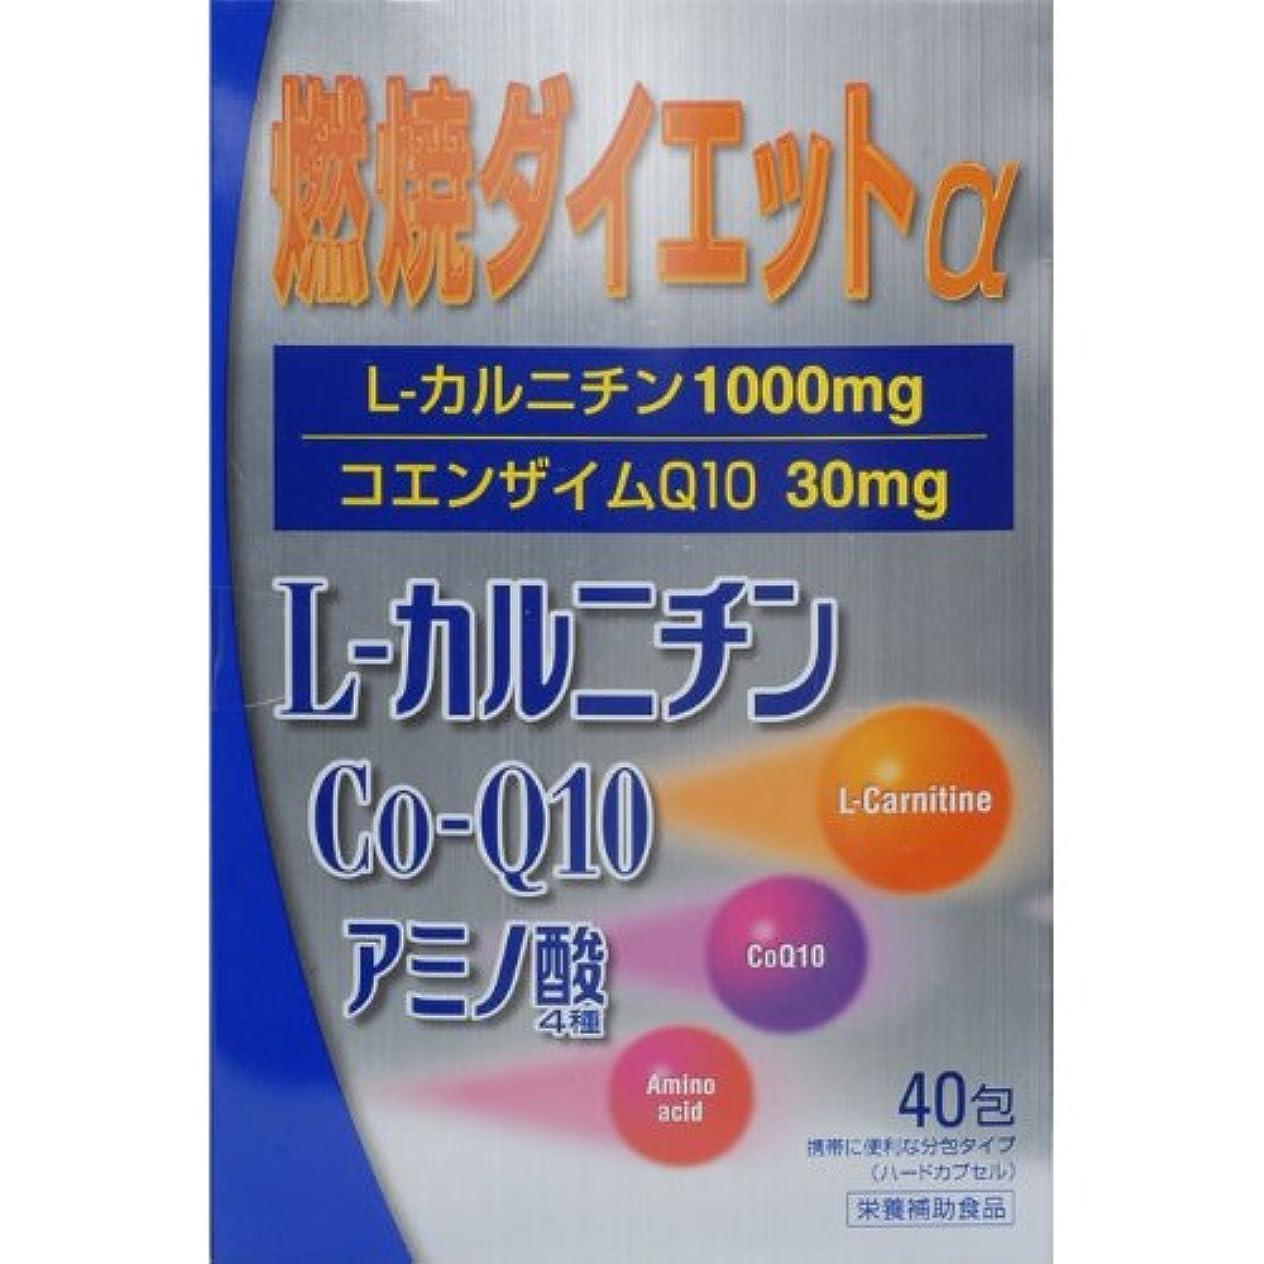 アカデミーバルブバブル燃焼ダイエットL‐カルニチンα 40包